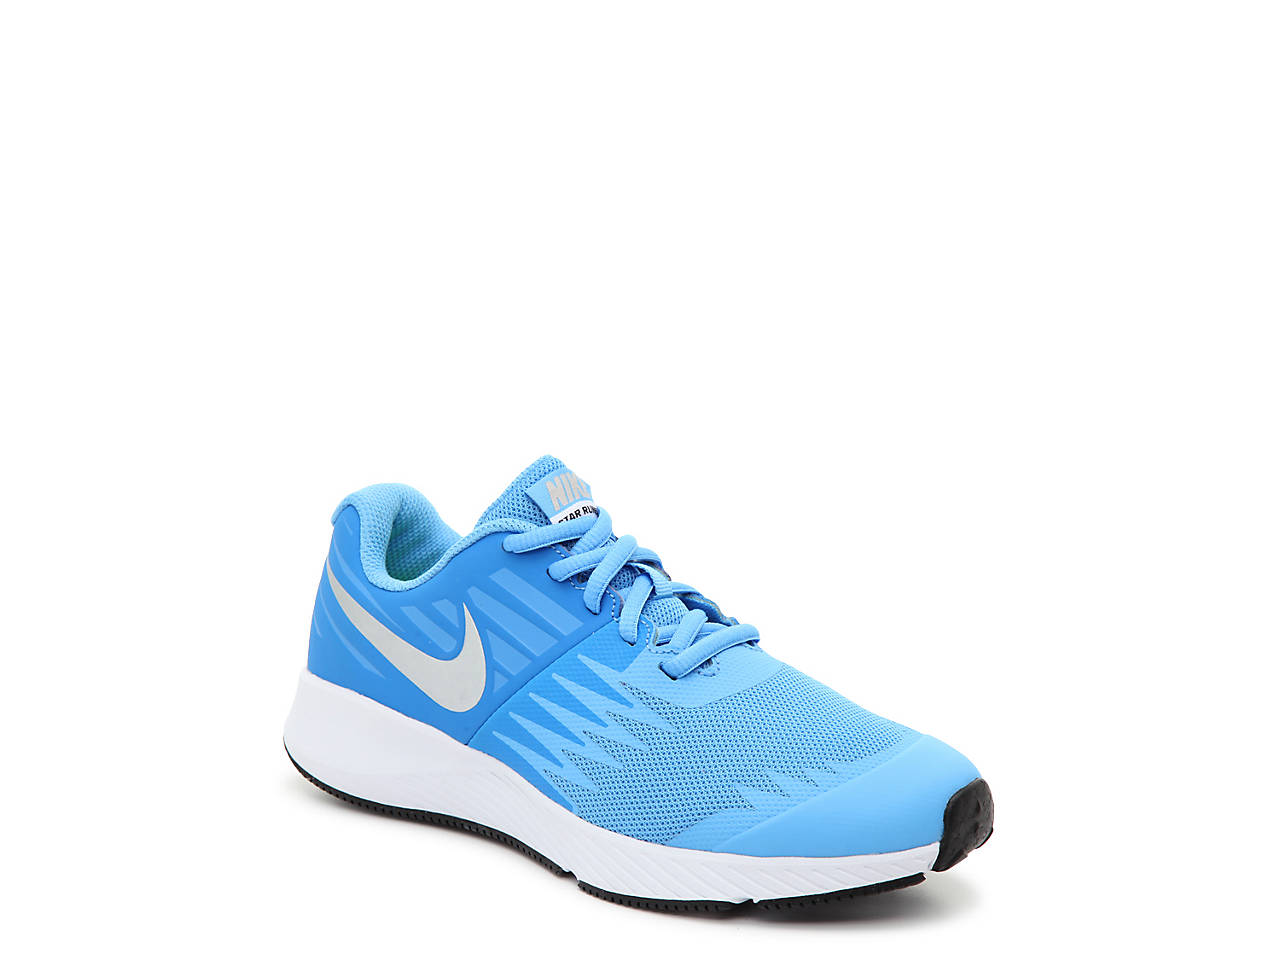 7bbc57cbaaa4 Nike Star Runner Youth Running Shoe Kids Shoes